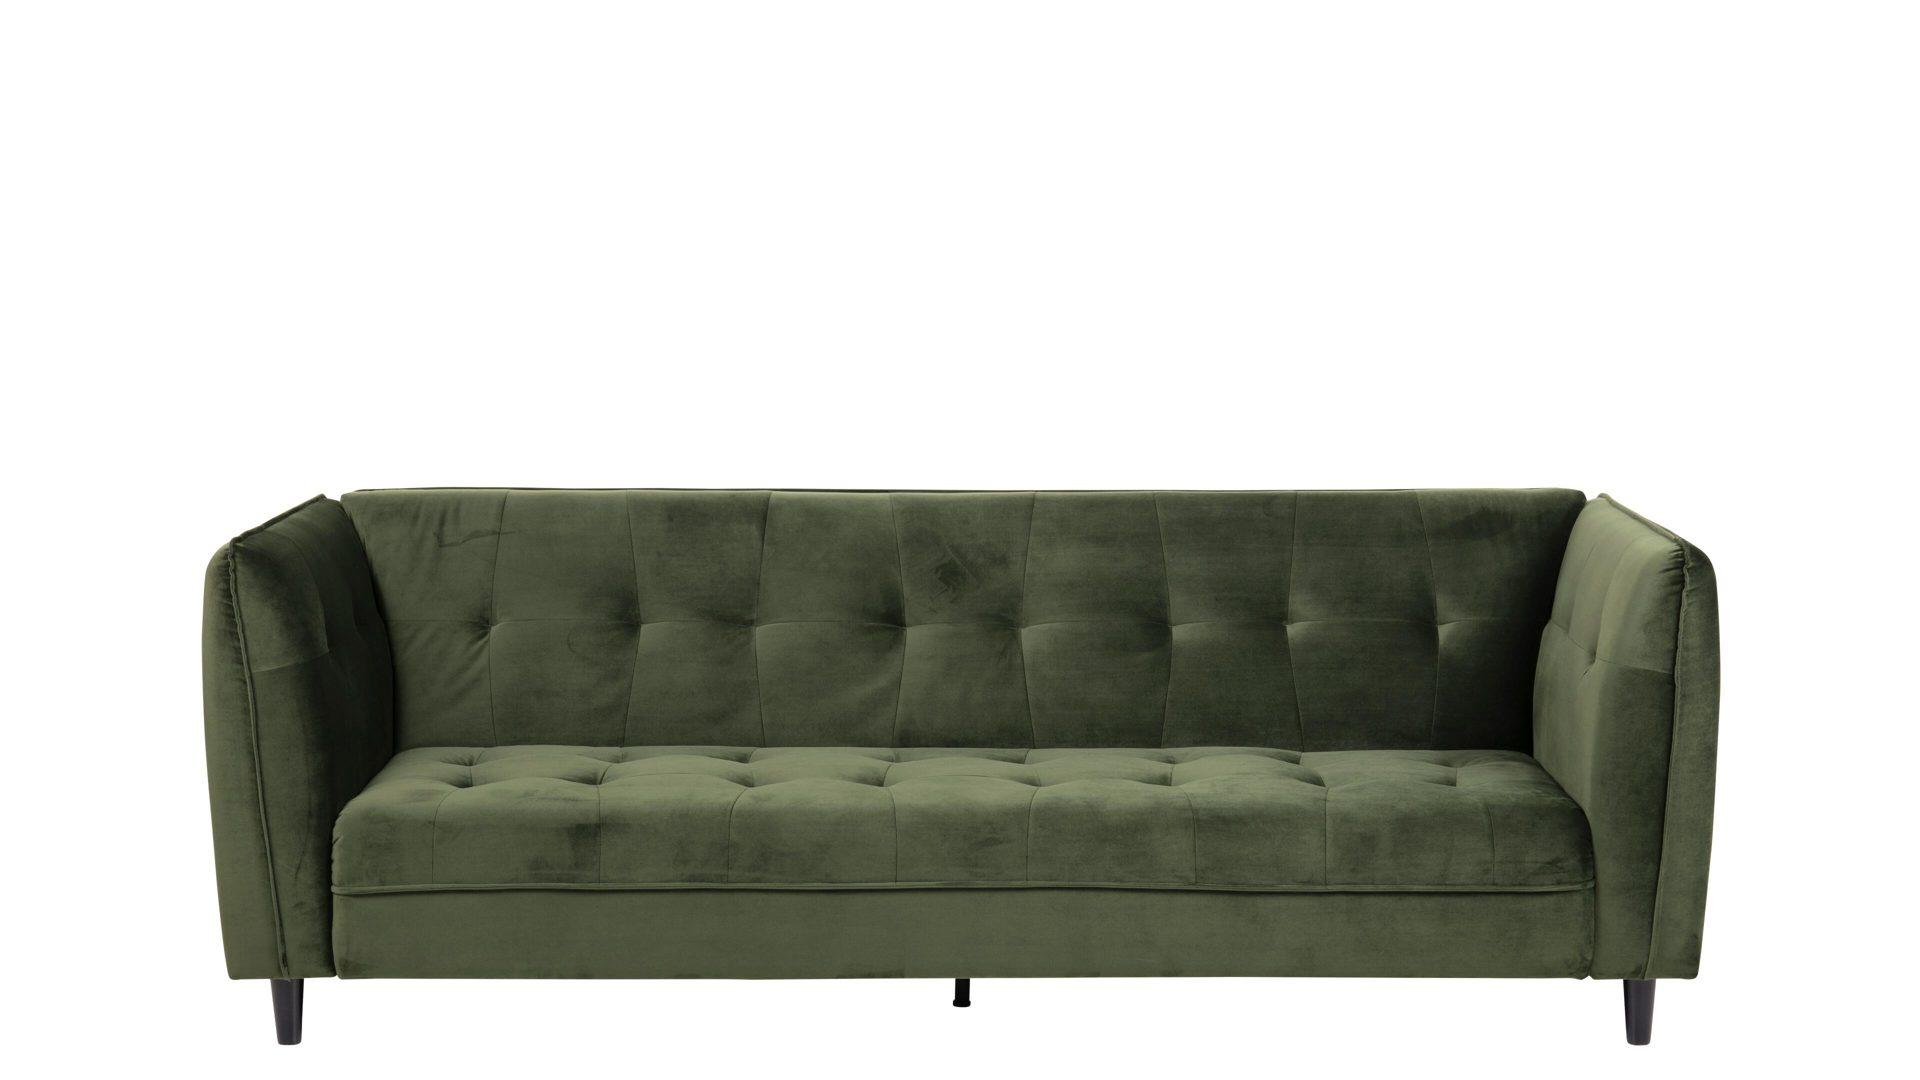 Hertel Möbel e.K. Gesees, Räume, Wohnzimmer, Sofas + Couches ...